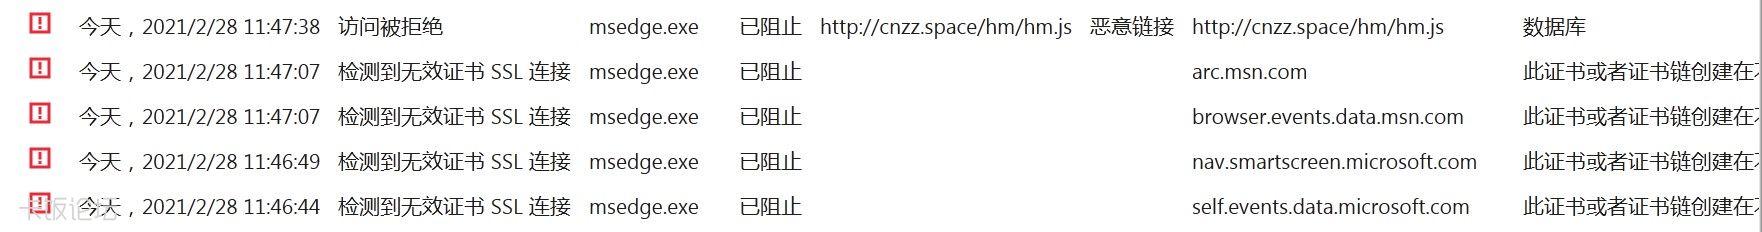 Snipaste_2021-02-28_11-51-07.jpg